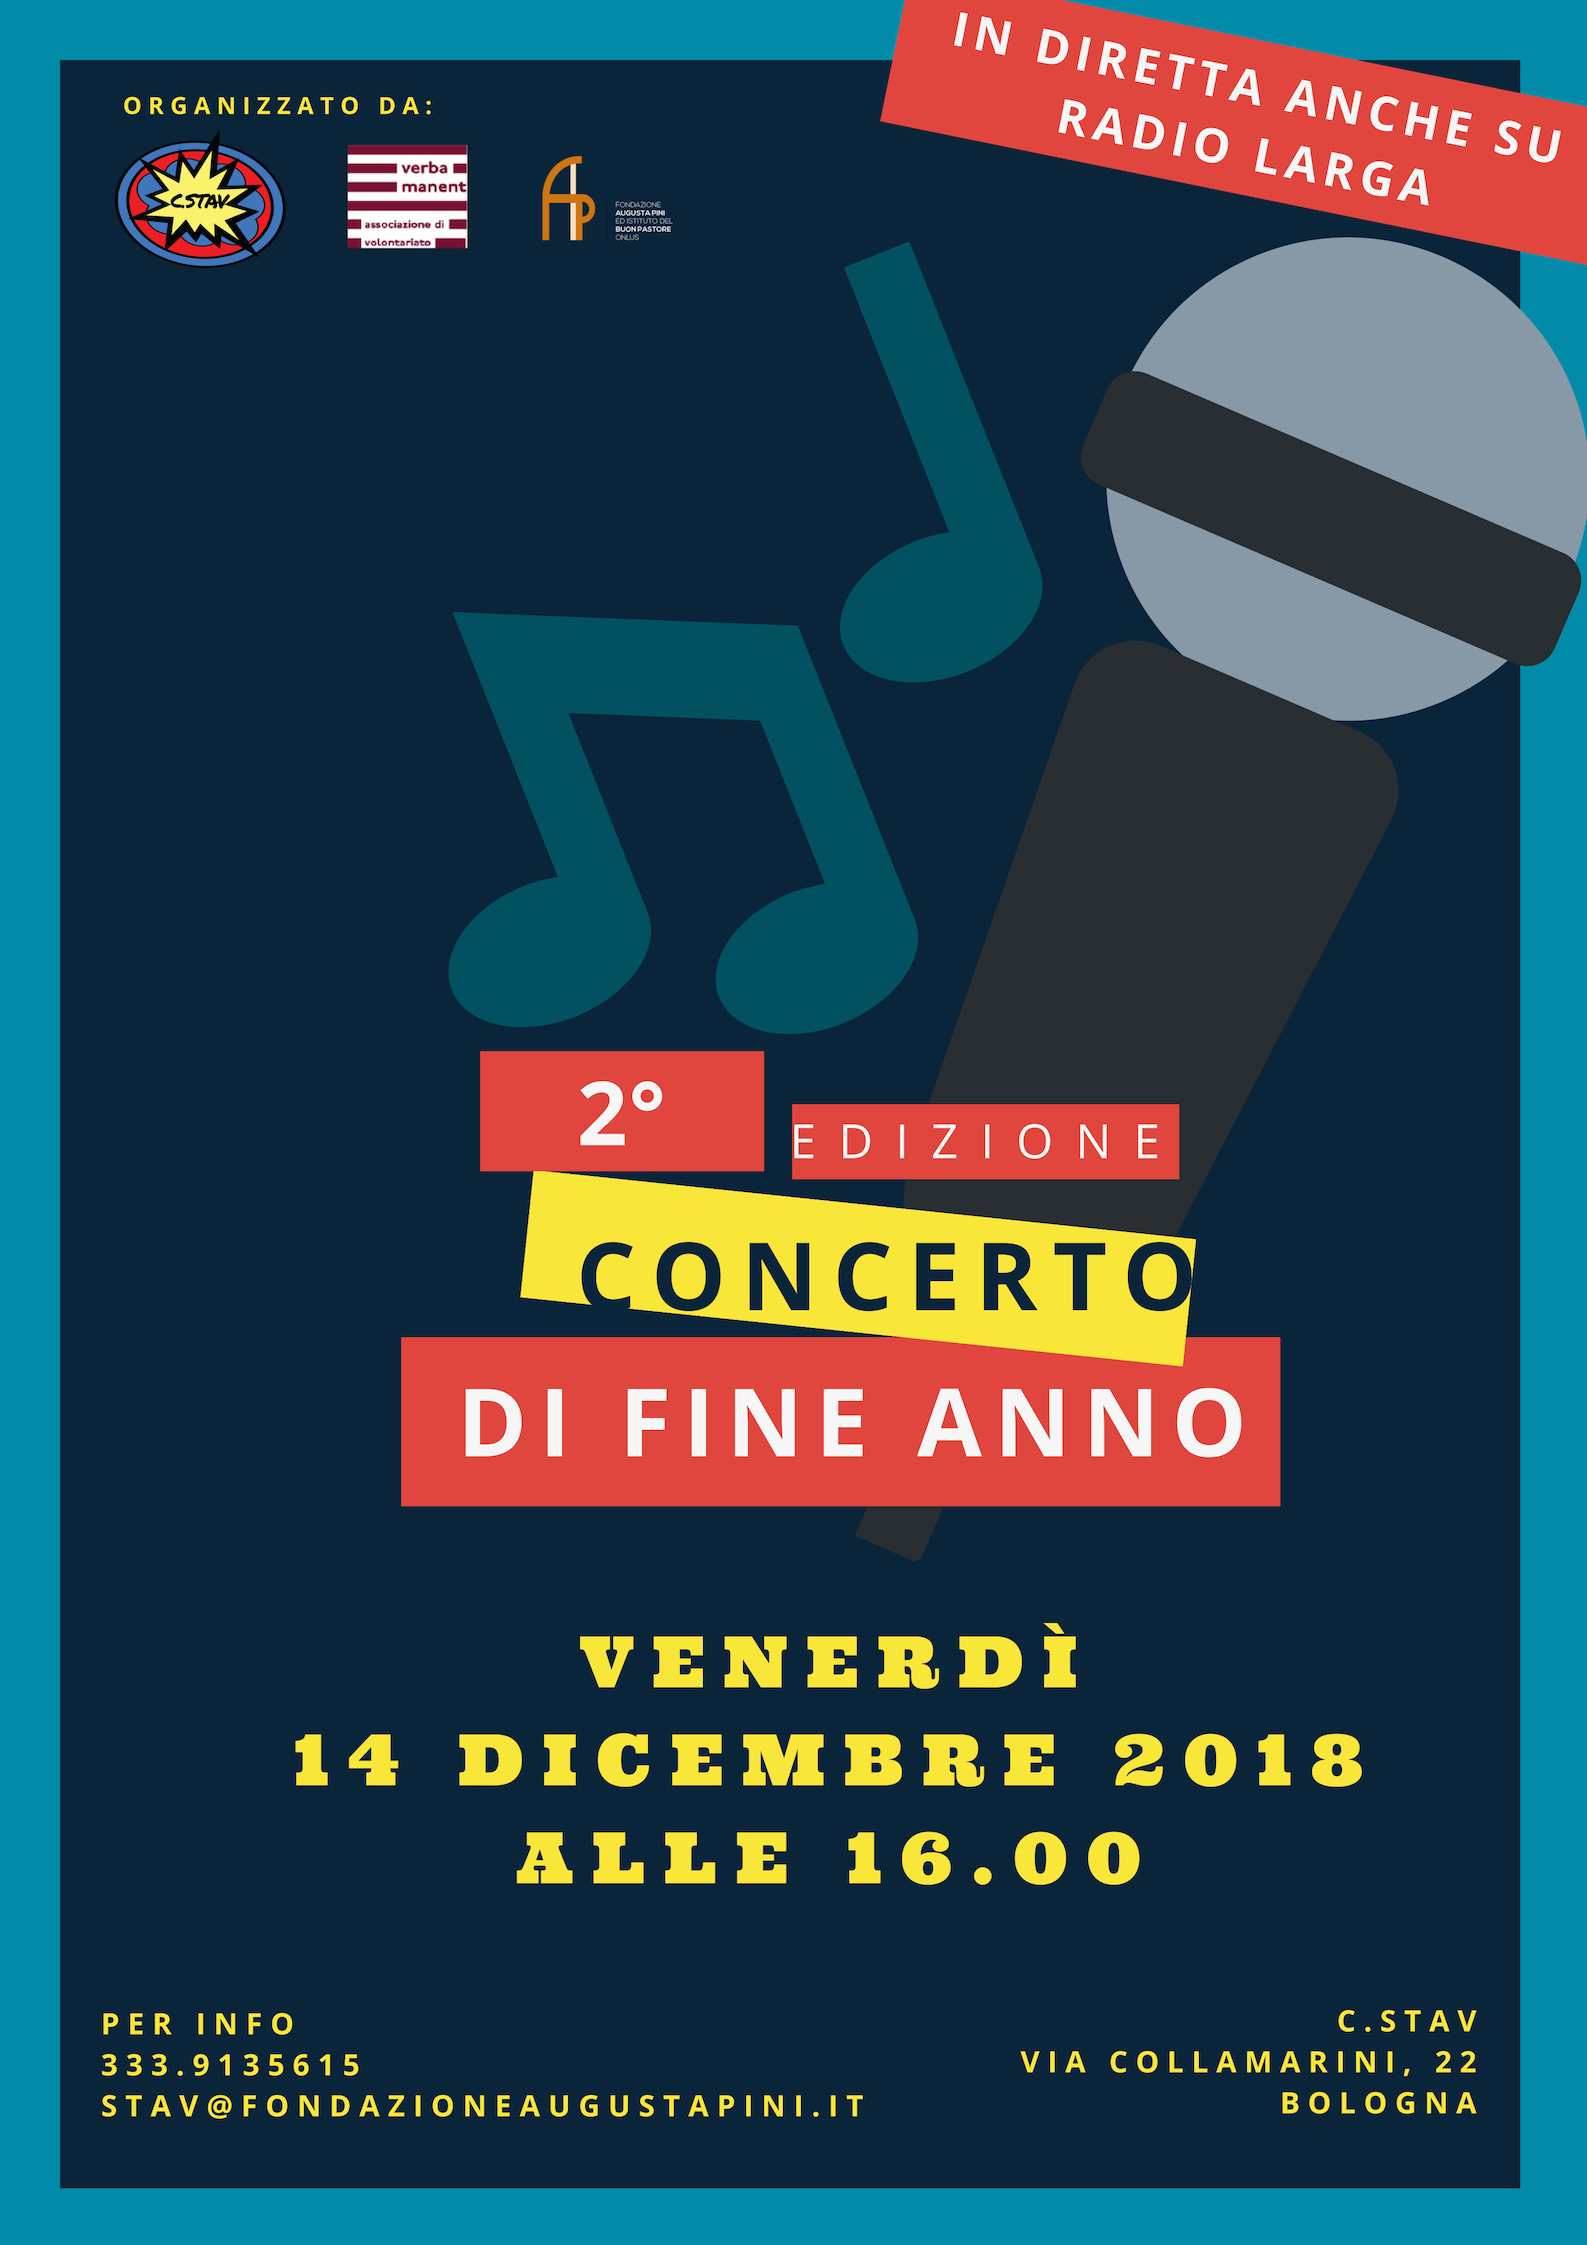 Concerto di fine 2018!